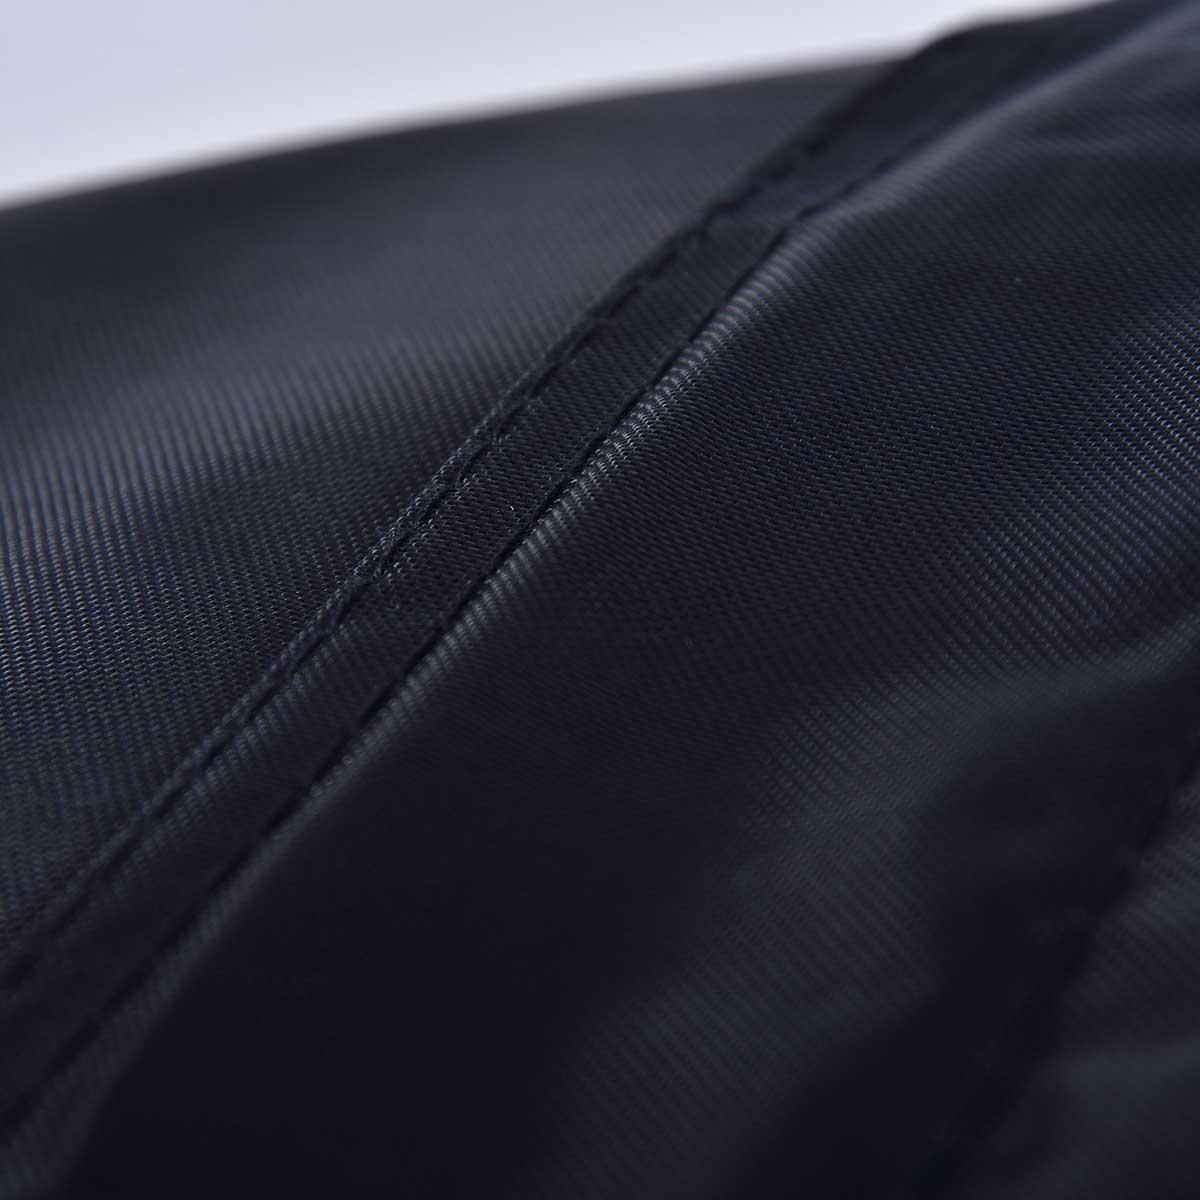 pouf géant extérieur BiG52 CLASSIC noir